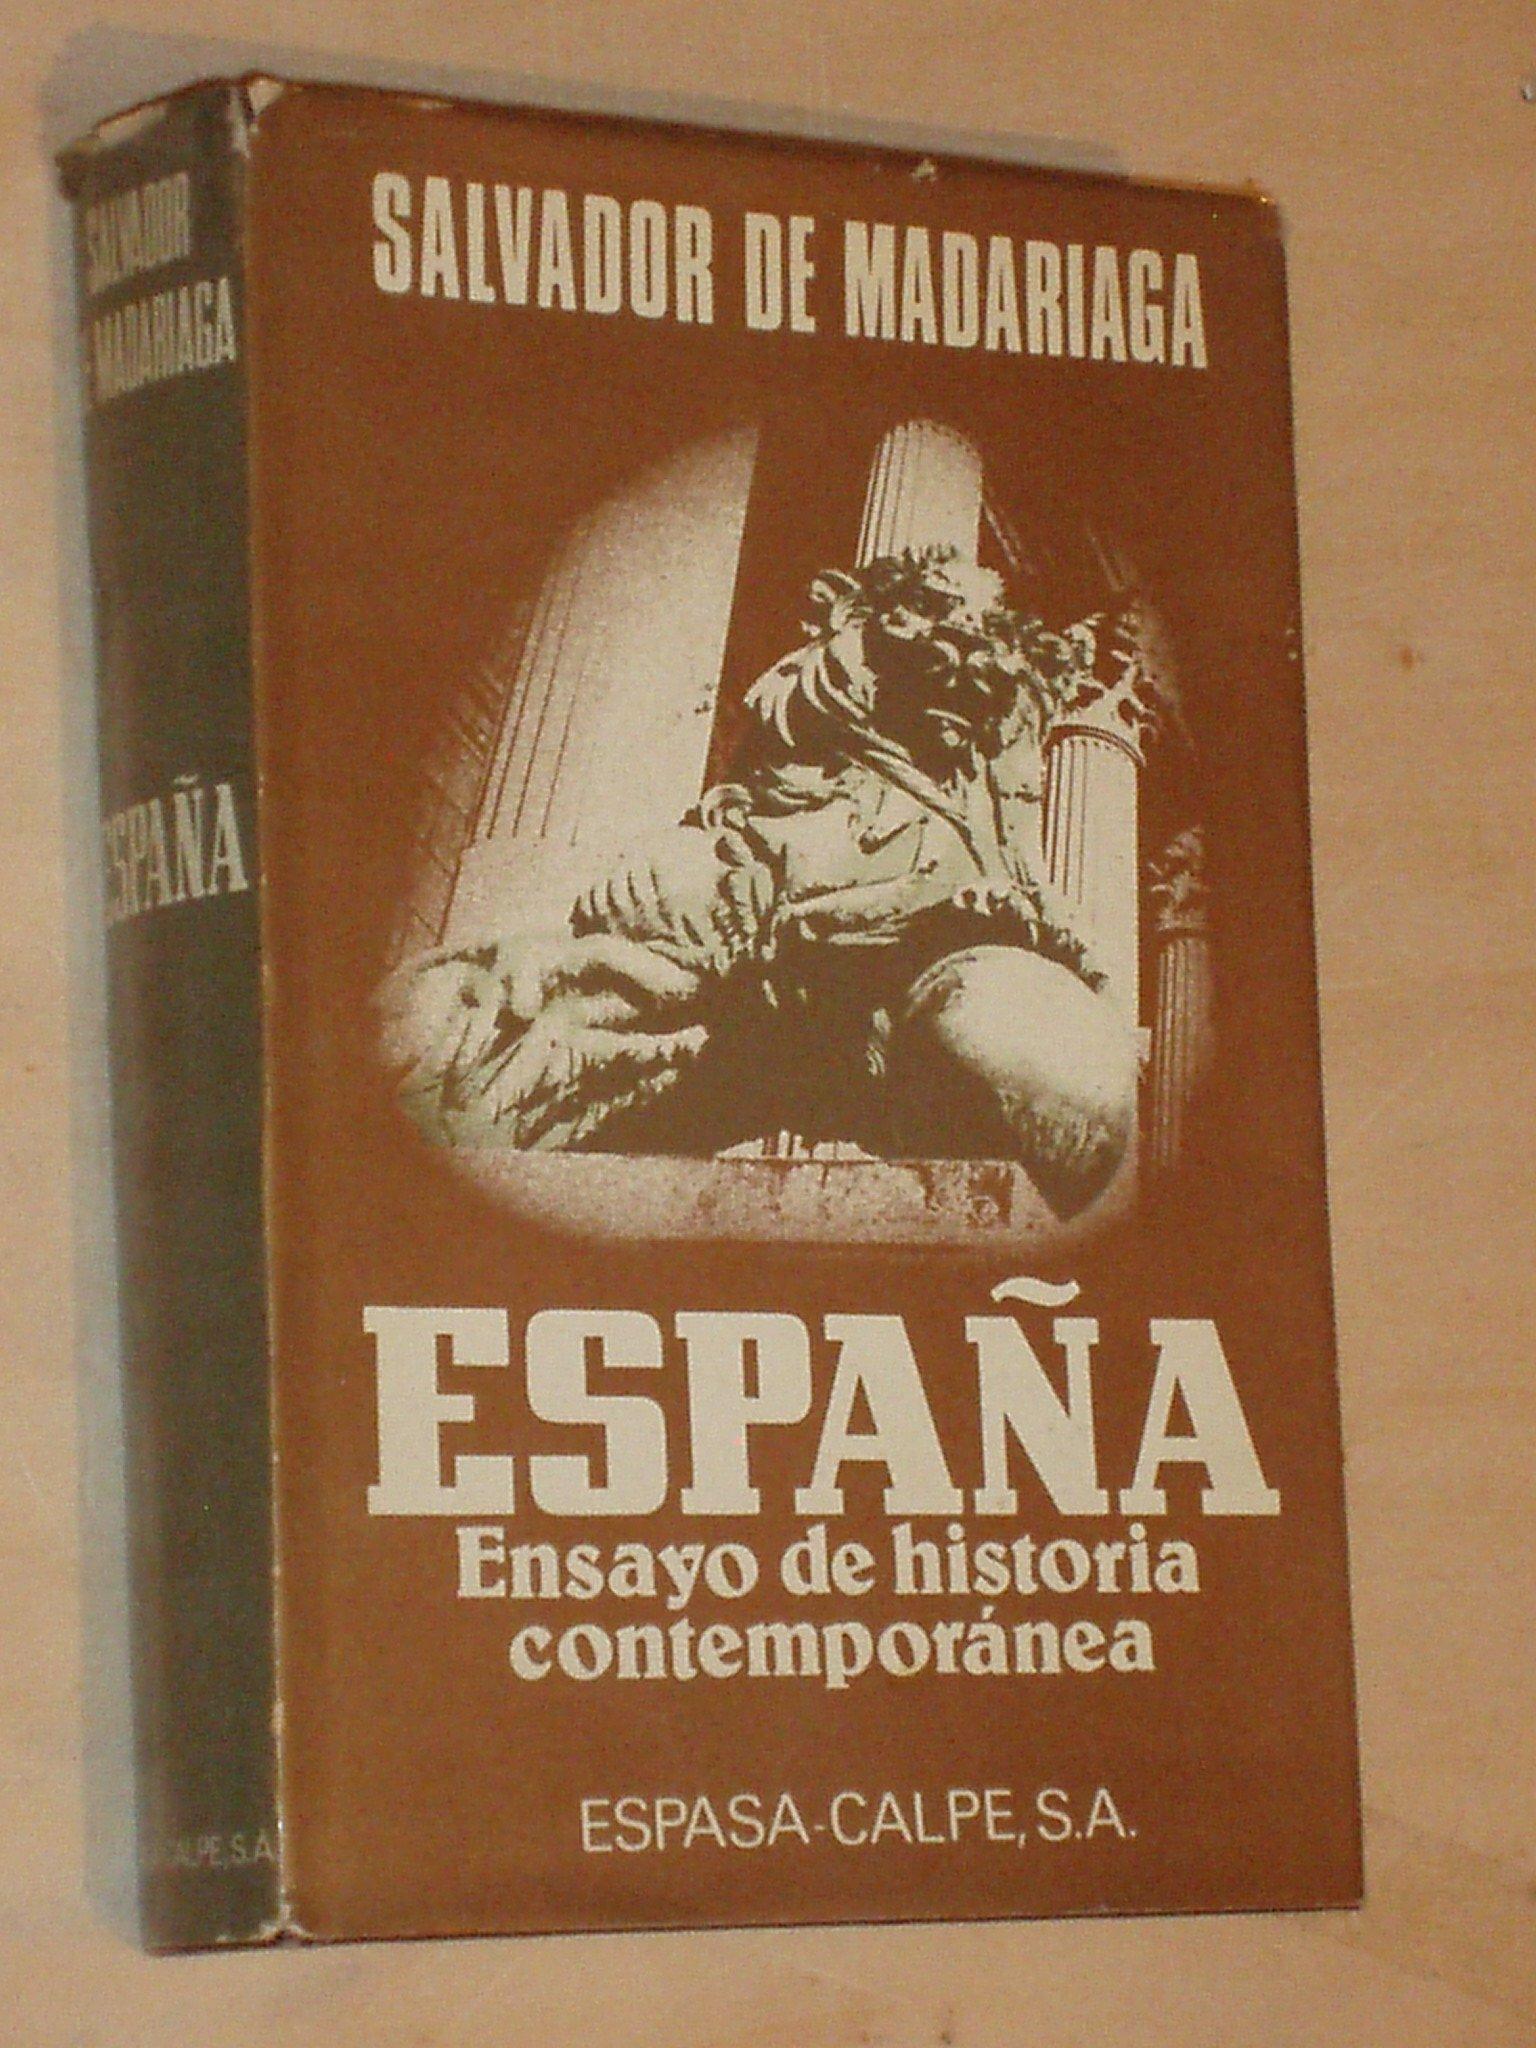 ESPAÑA. Ensayo de Historia Contemporánea: Amazon.es: Salvador de Madariaga: Libros